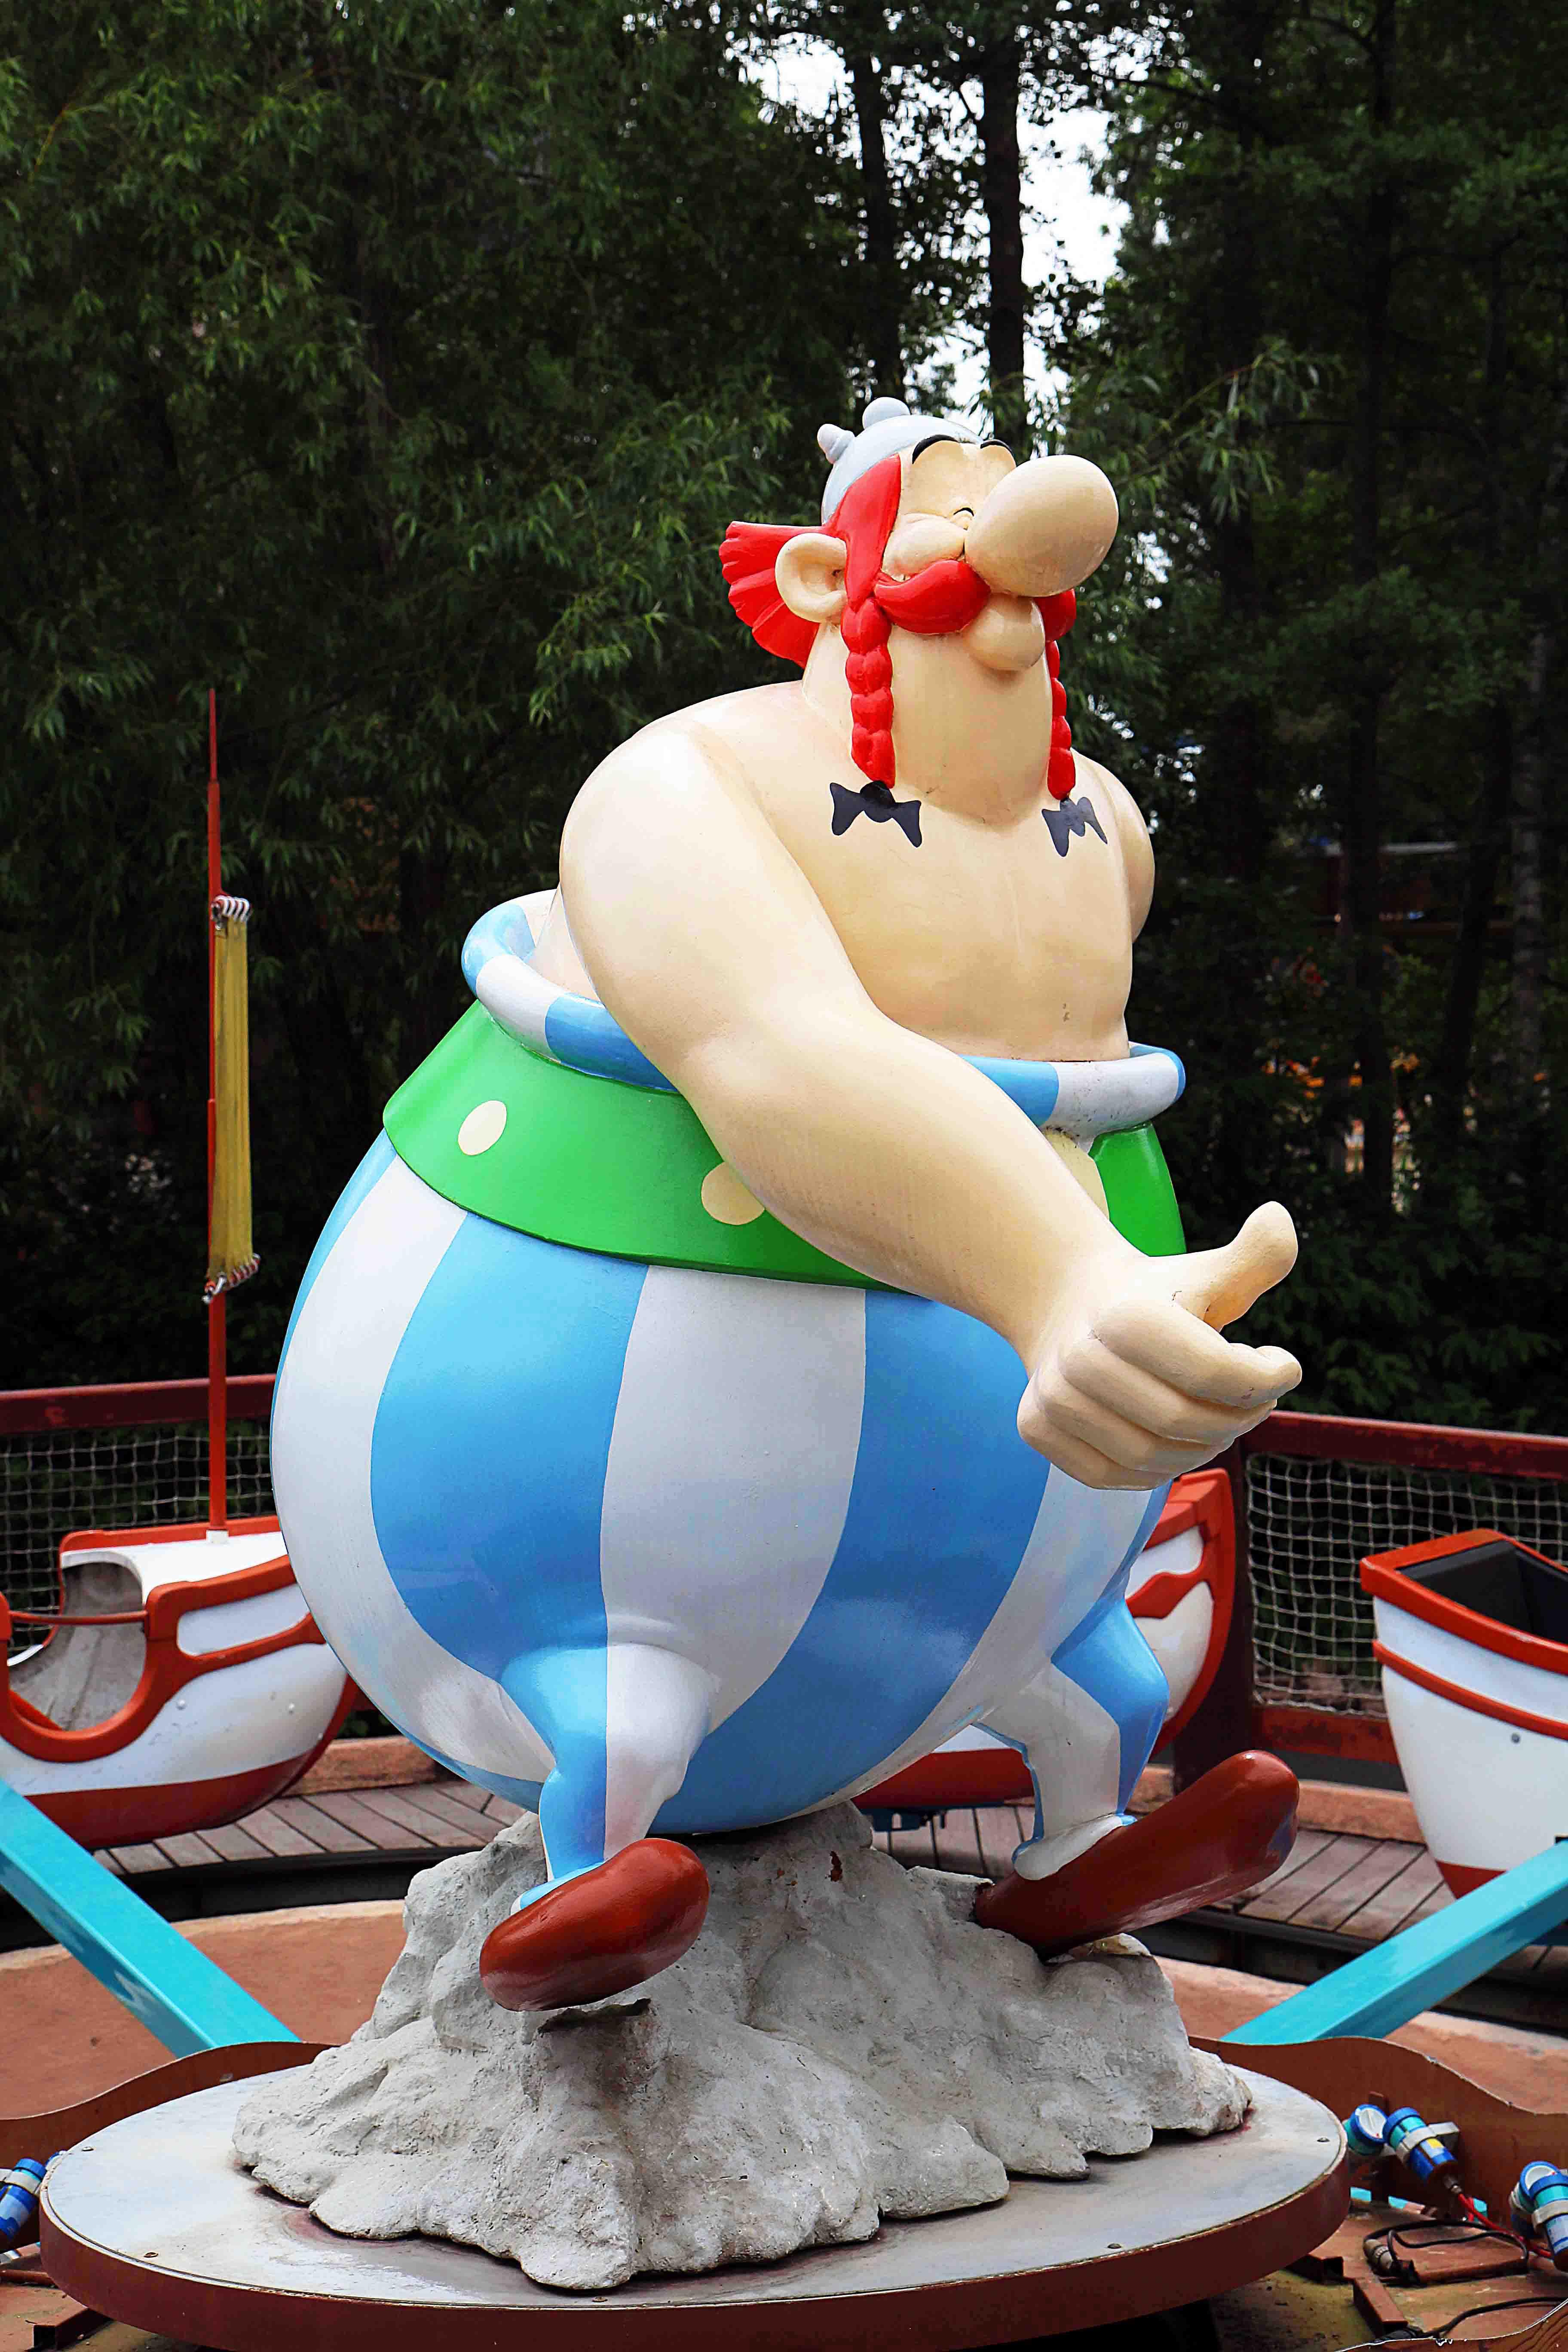 Statue d'obelix de l'attraction les chaudrons magiques réalisé au parc astérix par frederic michel langlet